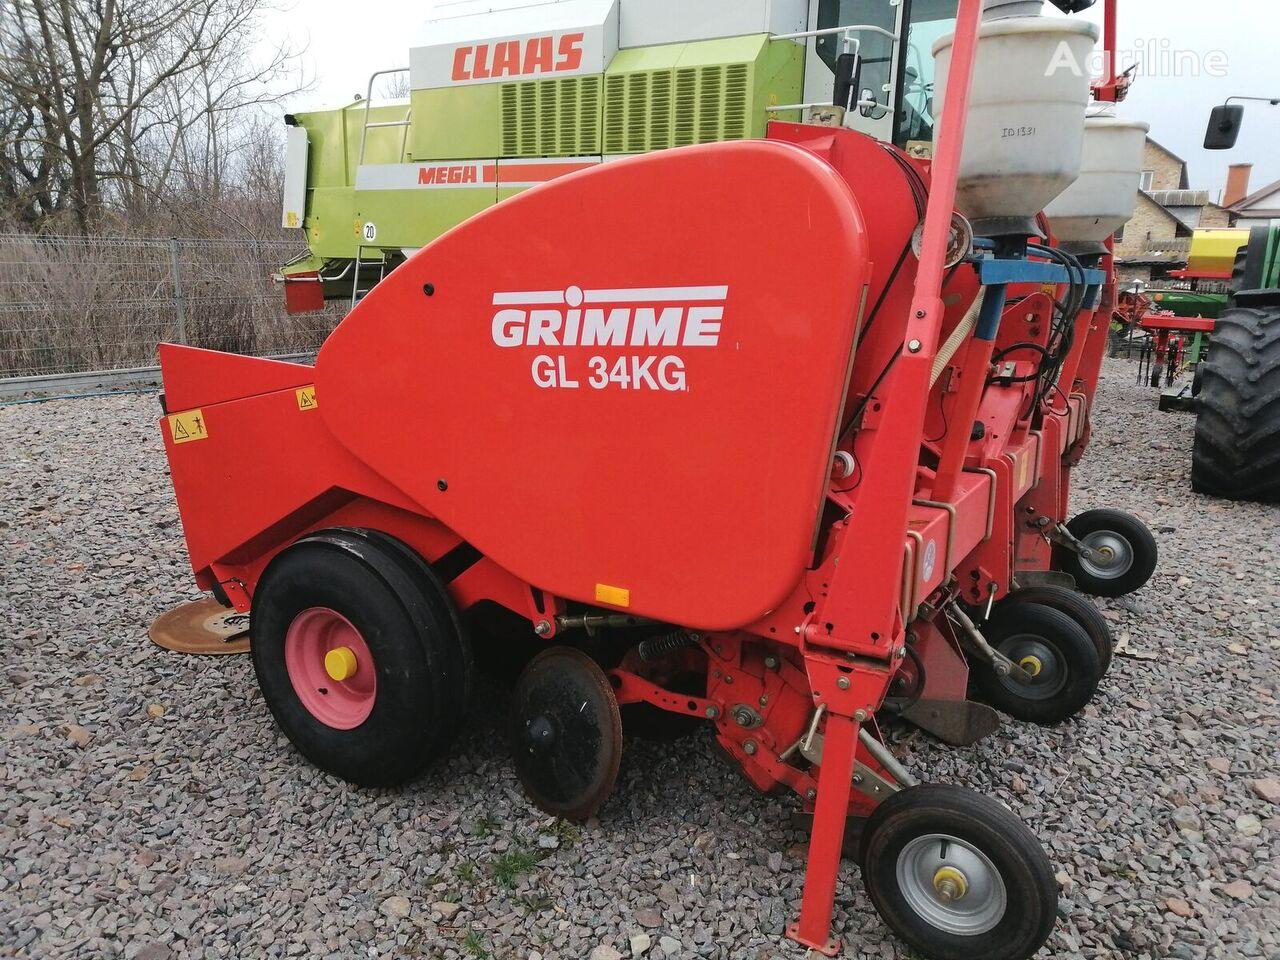 GRIMME GL 34 KG potato planter